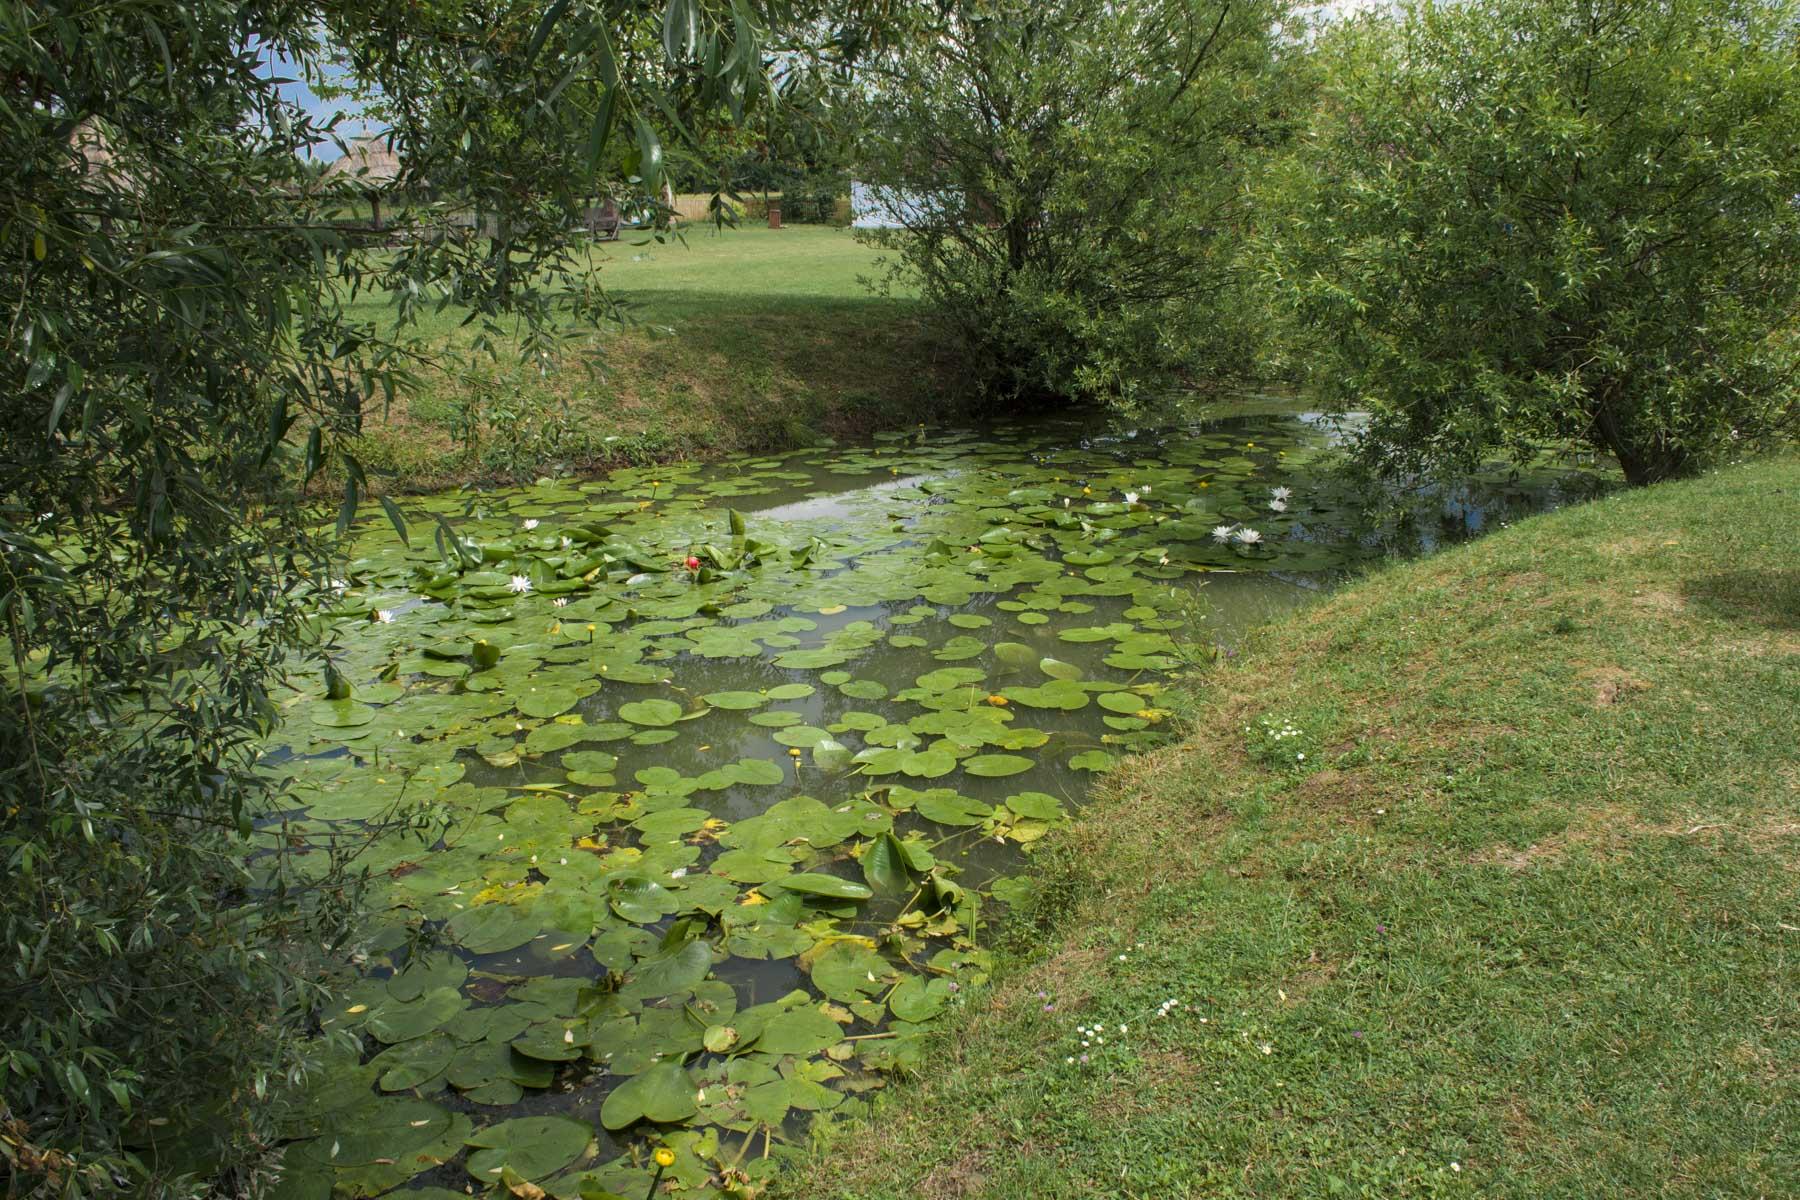 Frog habitat. Visit Zasavica